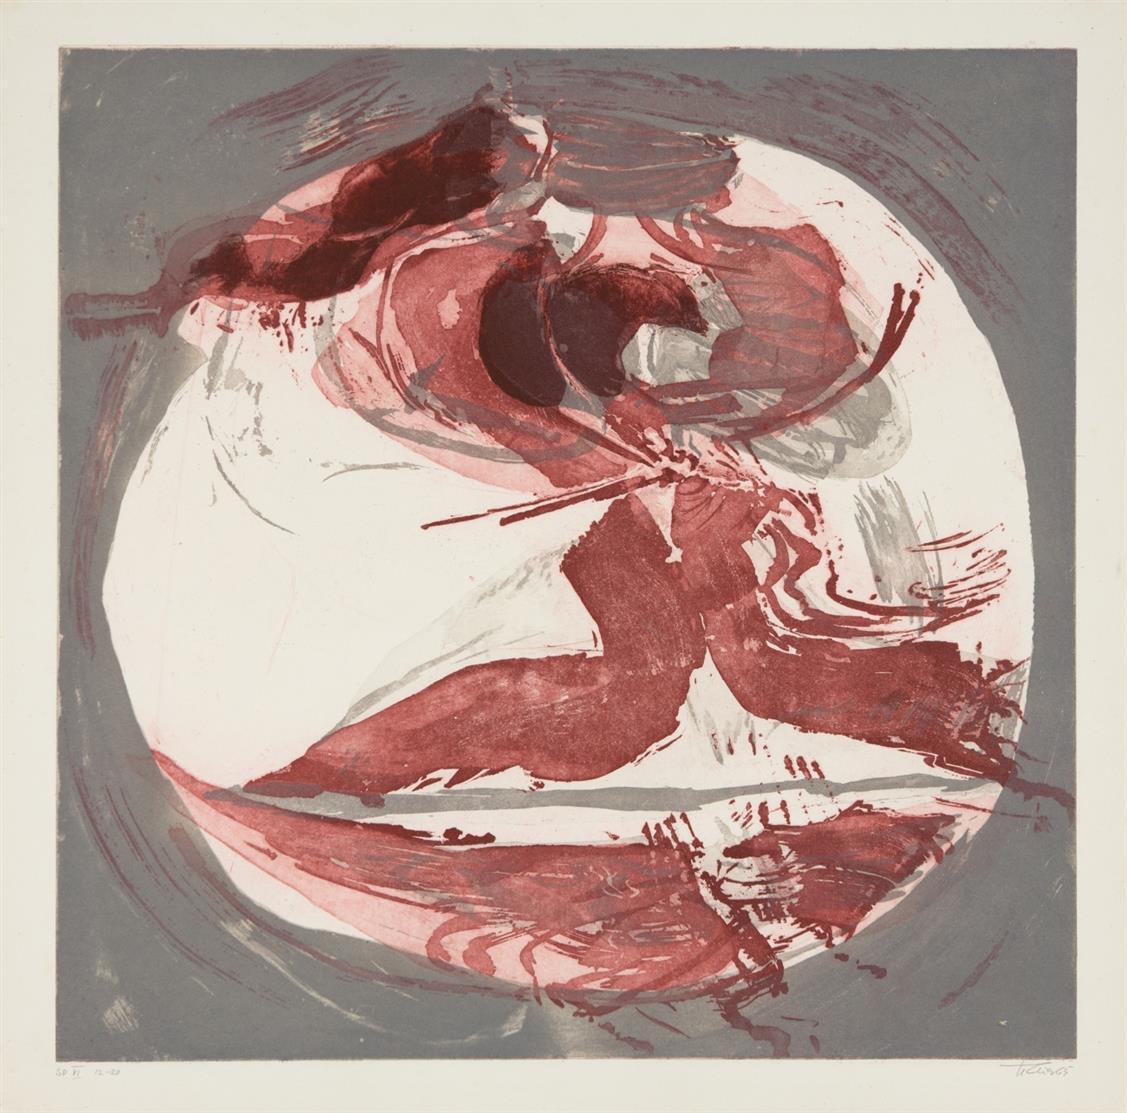 Hann Trier. Echo. 1965. Mappe mit 6 Blatt (Farb)-Aquatintaradierungen. Jeweils signiert. Ex. 12/20.